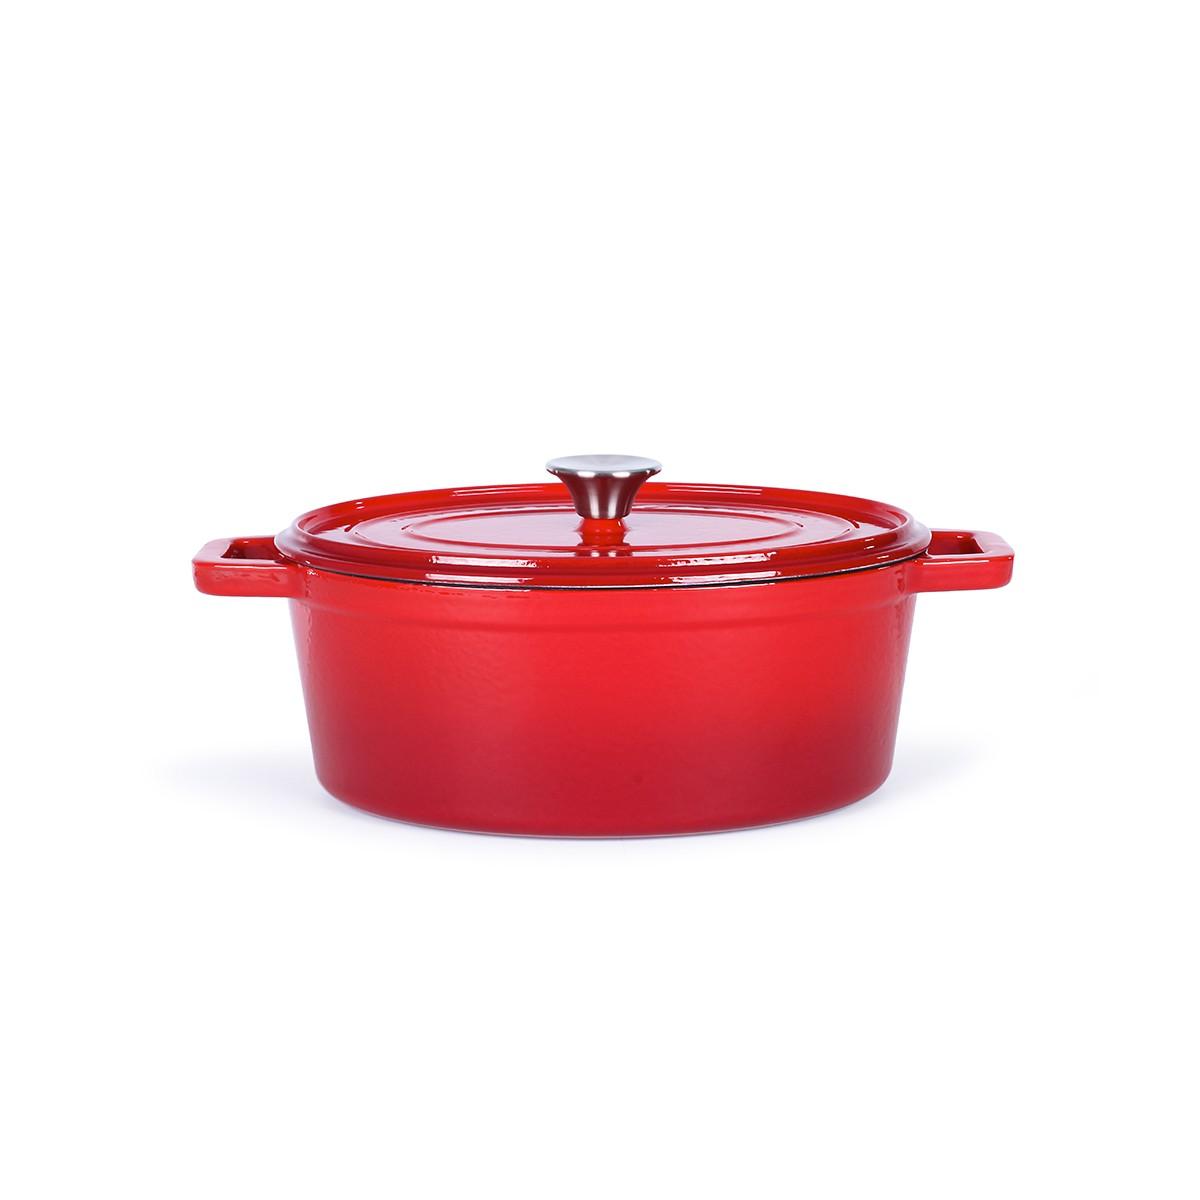 Cocotte ovale en émail rouge